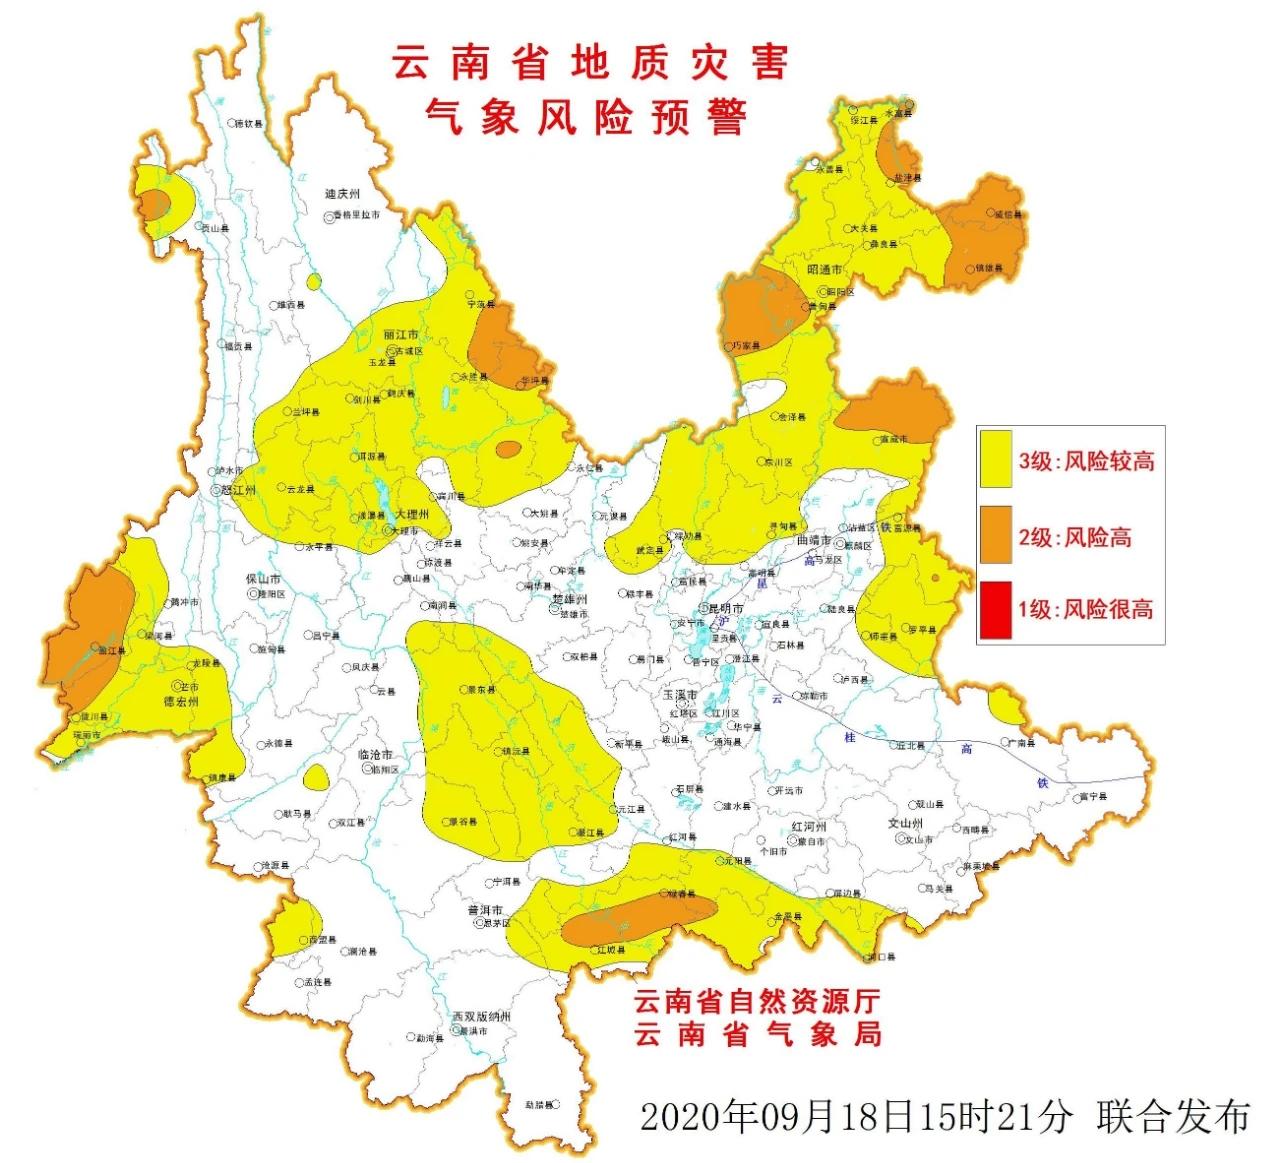 持續降雨!雲南發佈地質災害氣象風險橙色預警_新聞中心_中國網